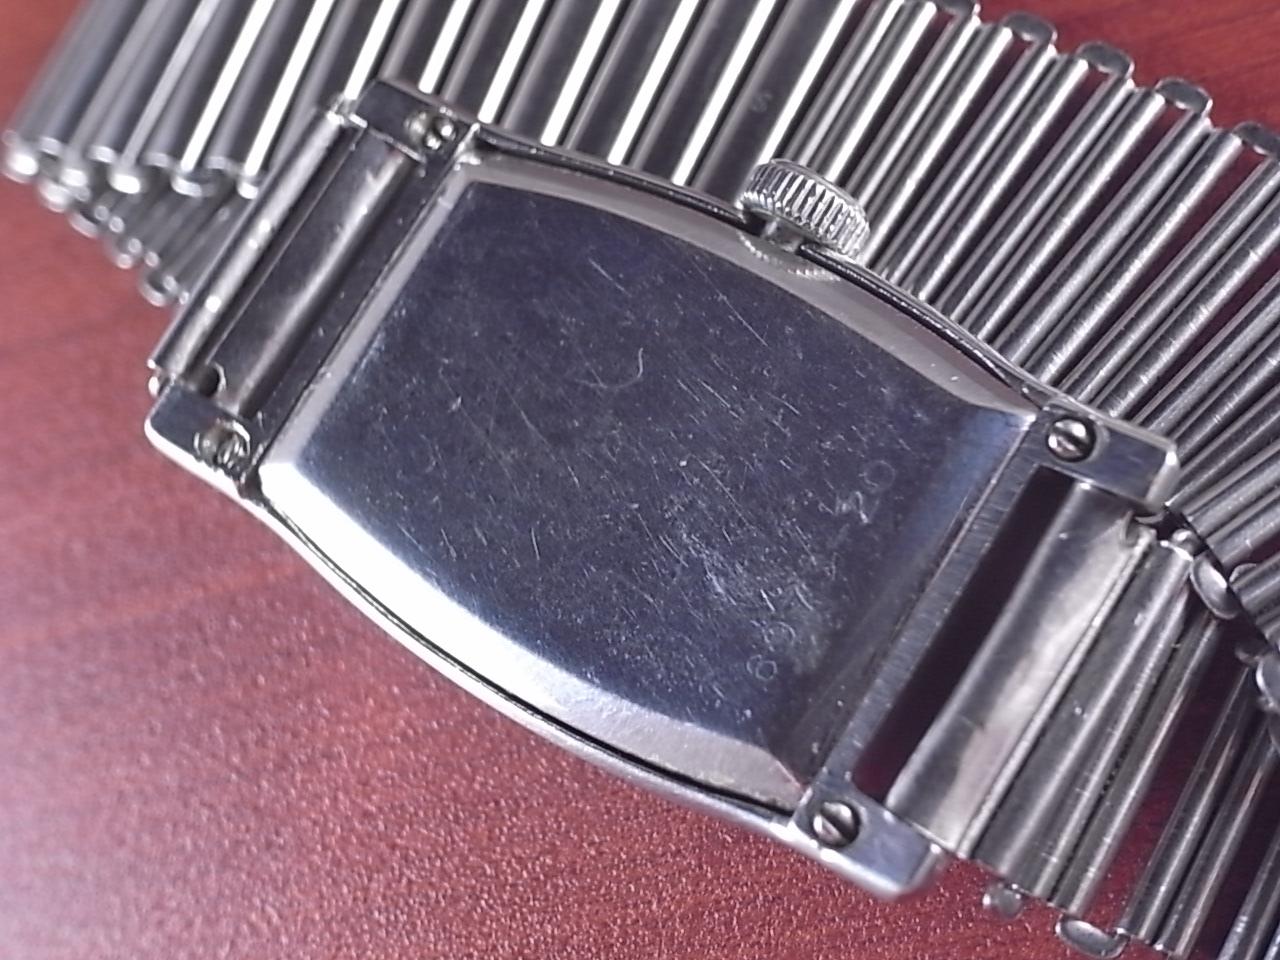 タバン トノーケース 4つビス防水 ボンクリップ バンブーブレス付き 1940年代の写真4枚目